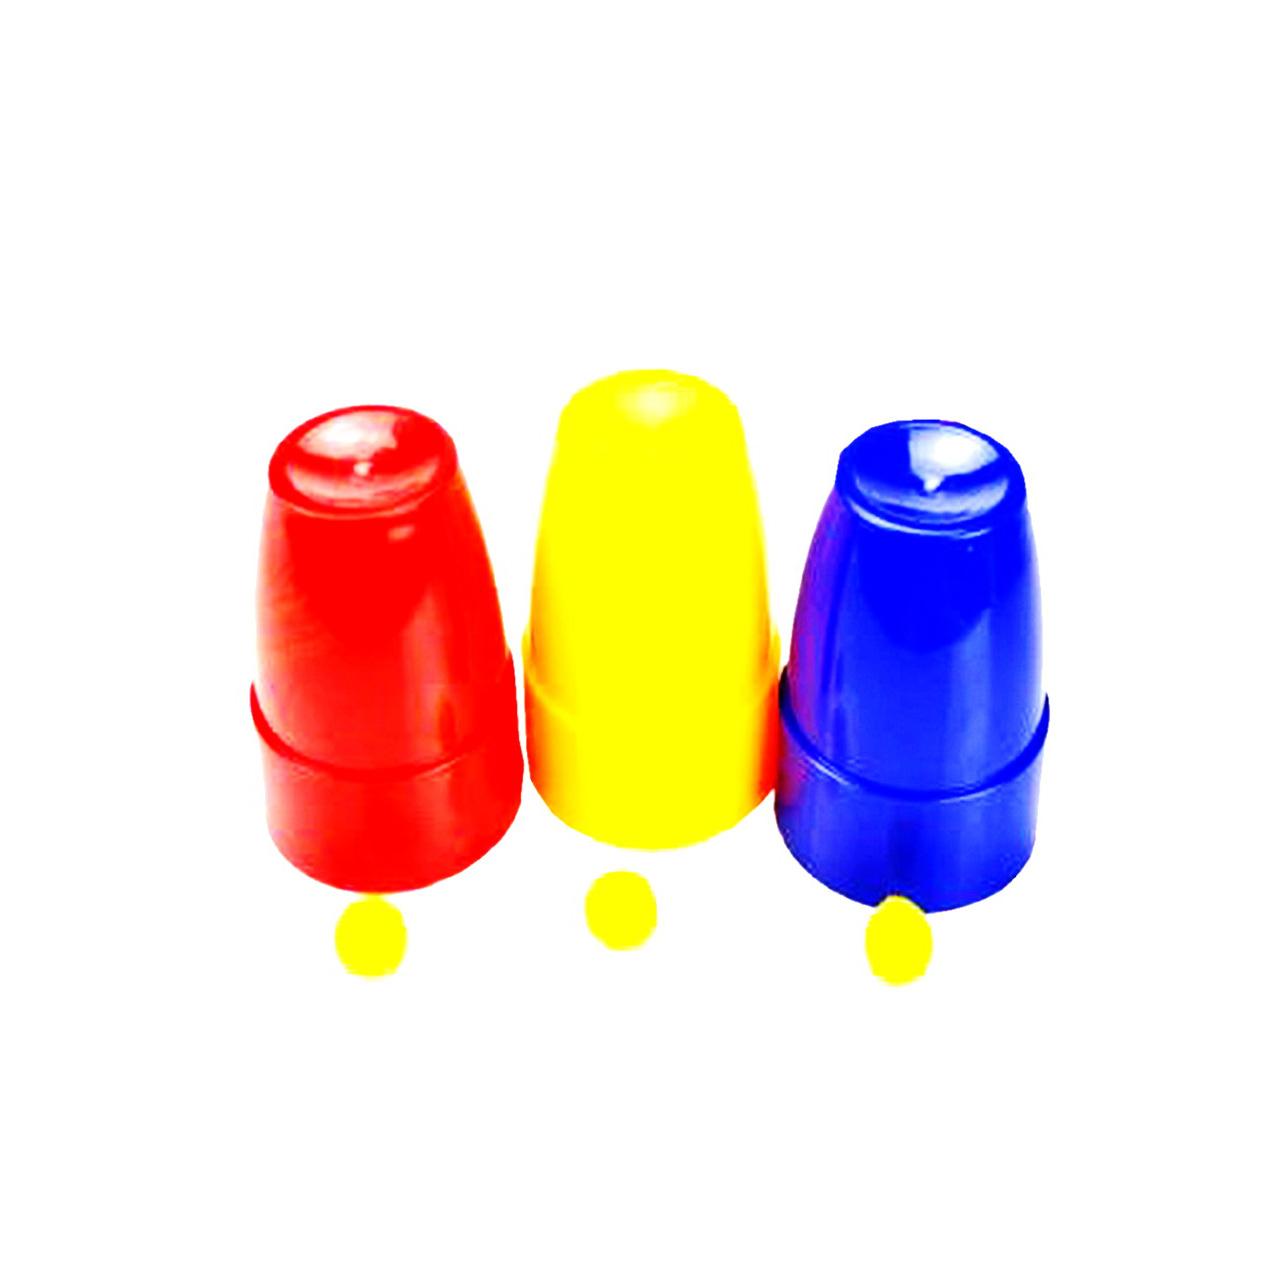 ابزار شعبده بازی توپ و 3 لیوان DSK 245